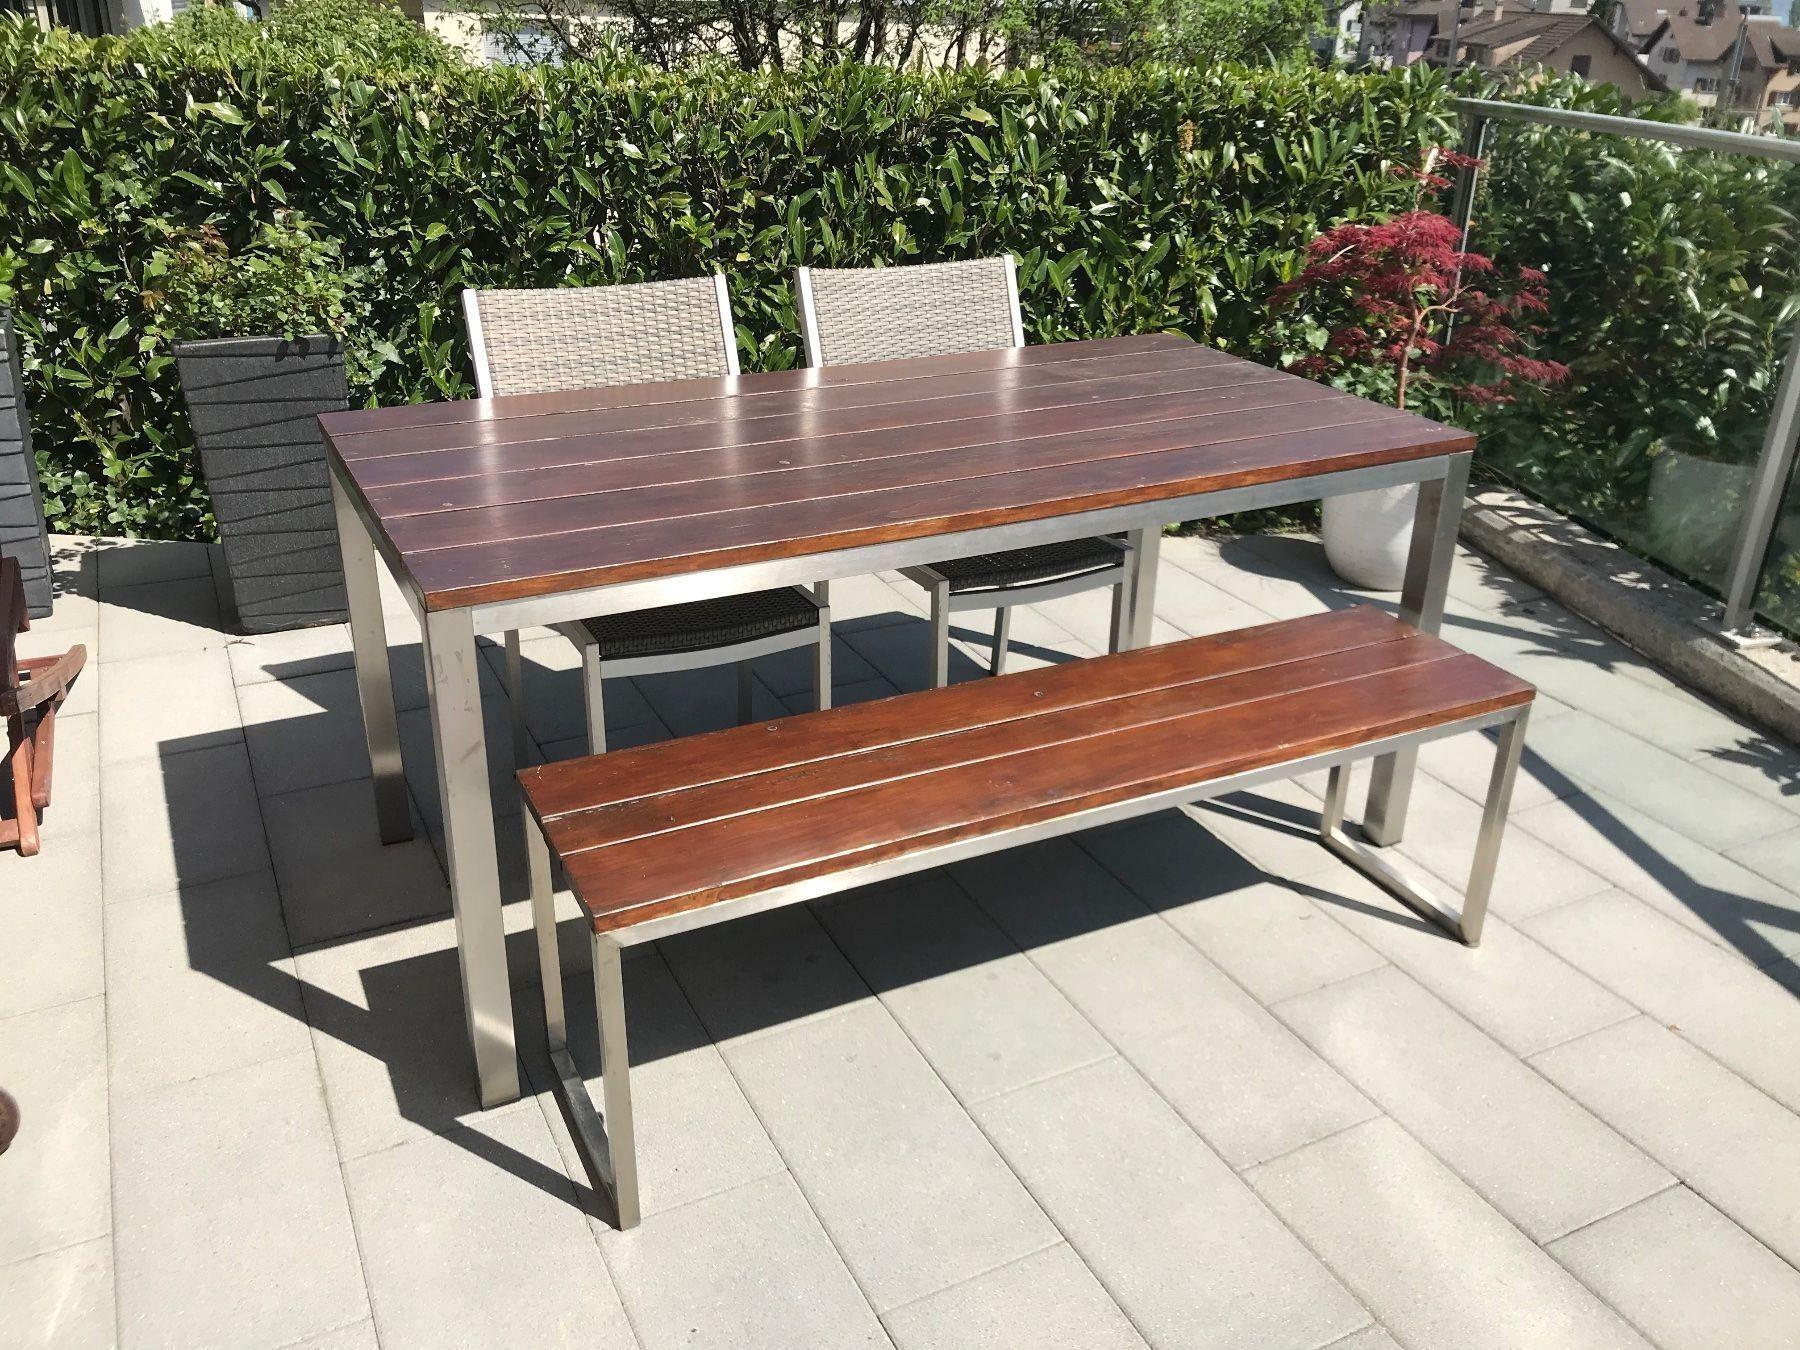 Gartentisch Und Stuhle Holz In 2021 Gartentisch Holz Stuhl Holz Gartentisch Holz Massiv